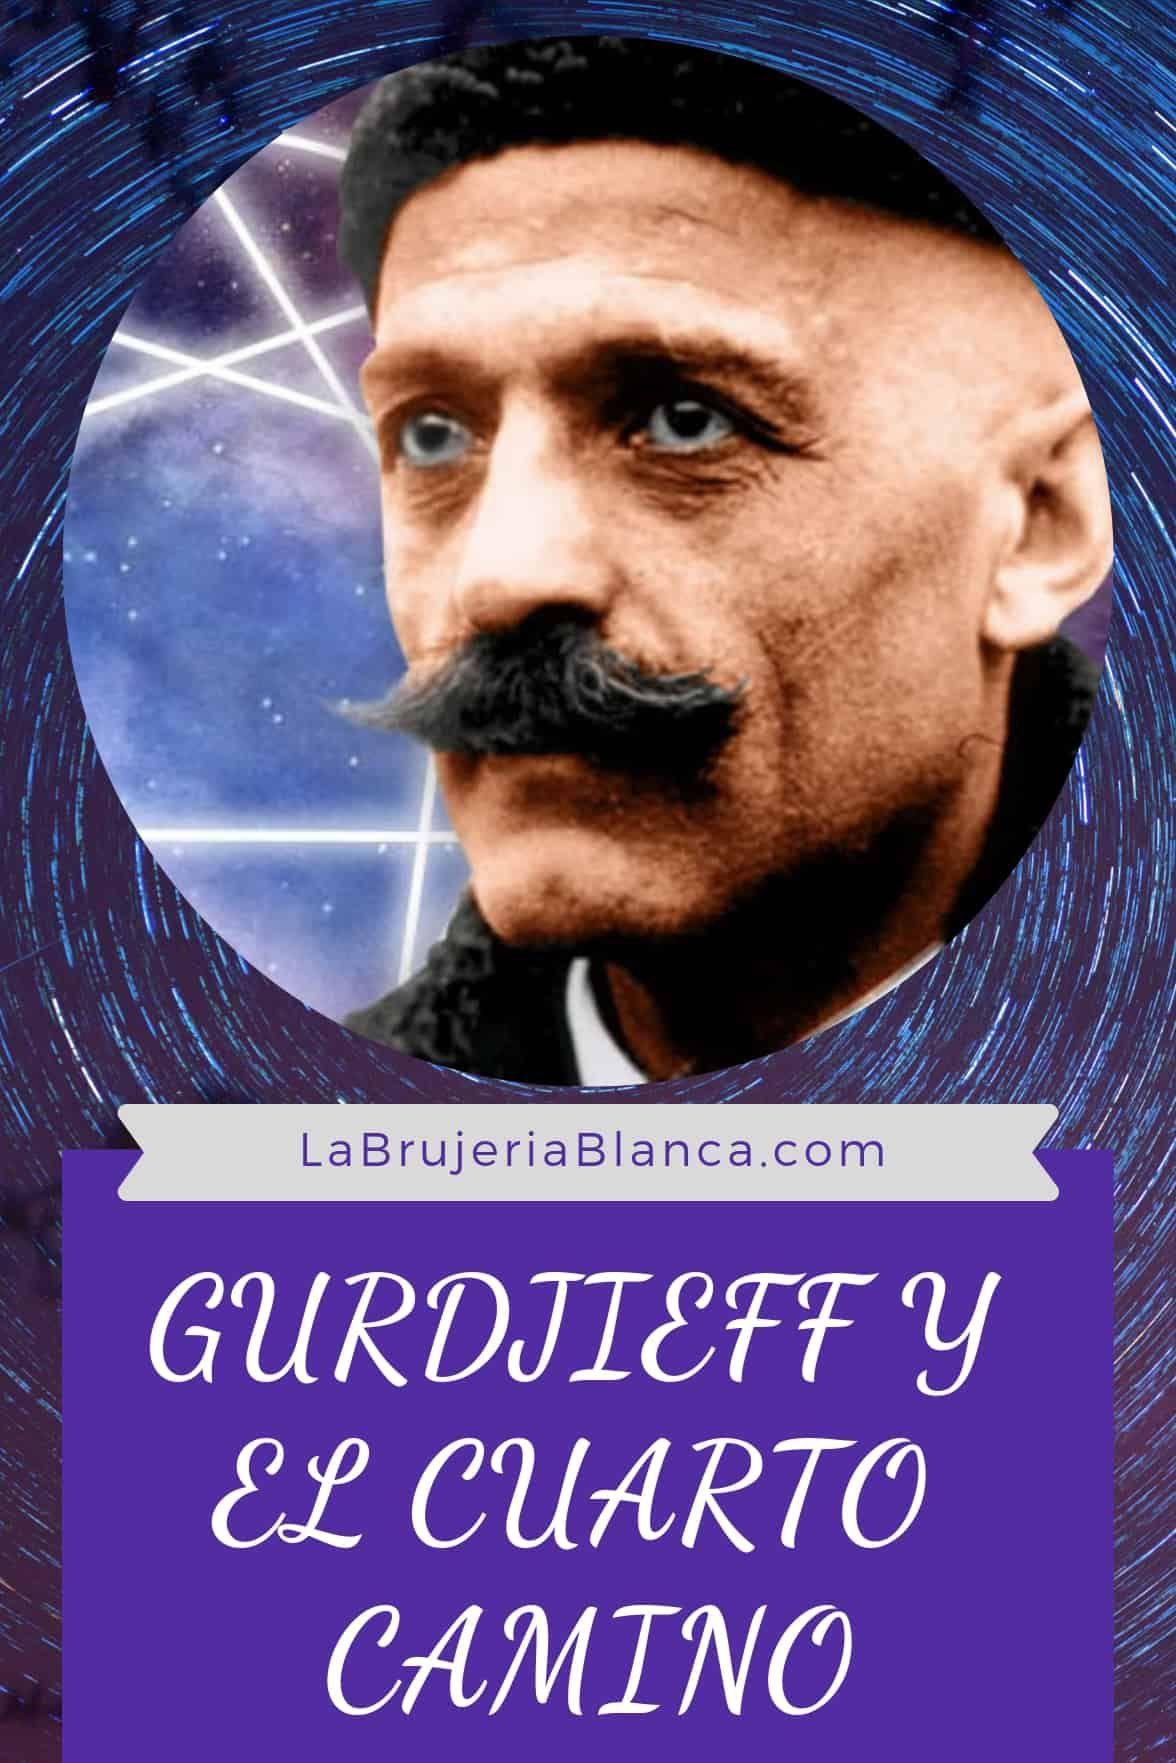 Gurdjieff y el cuarto camino | Magia | Cuarto camino, Magia blanca y ...